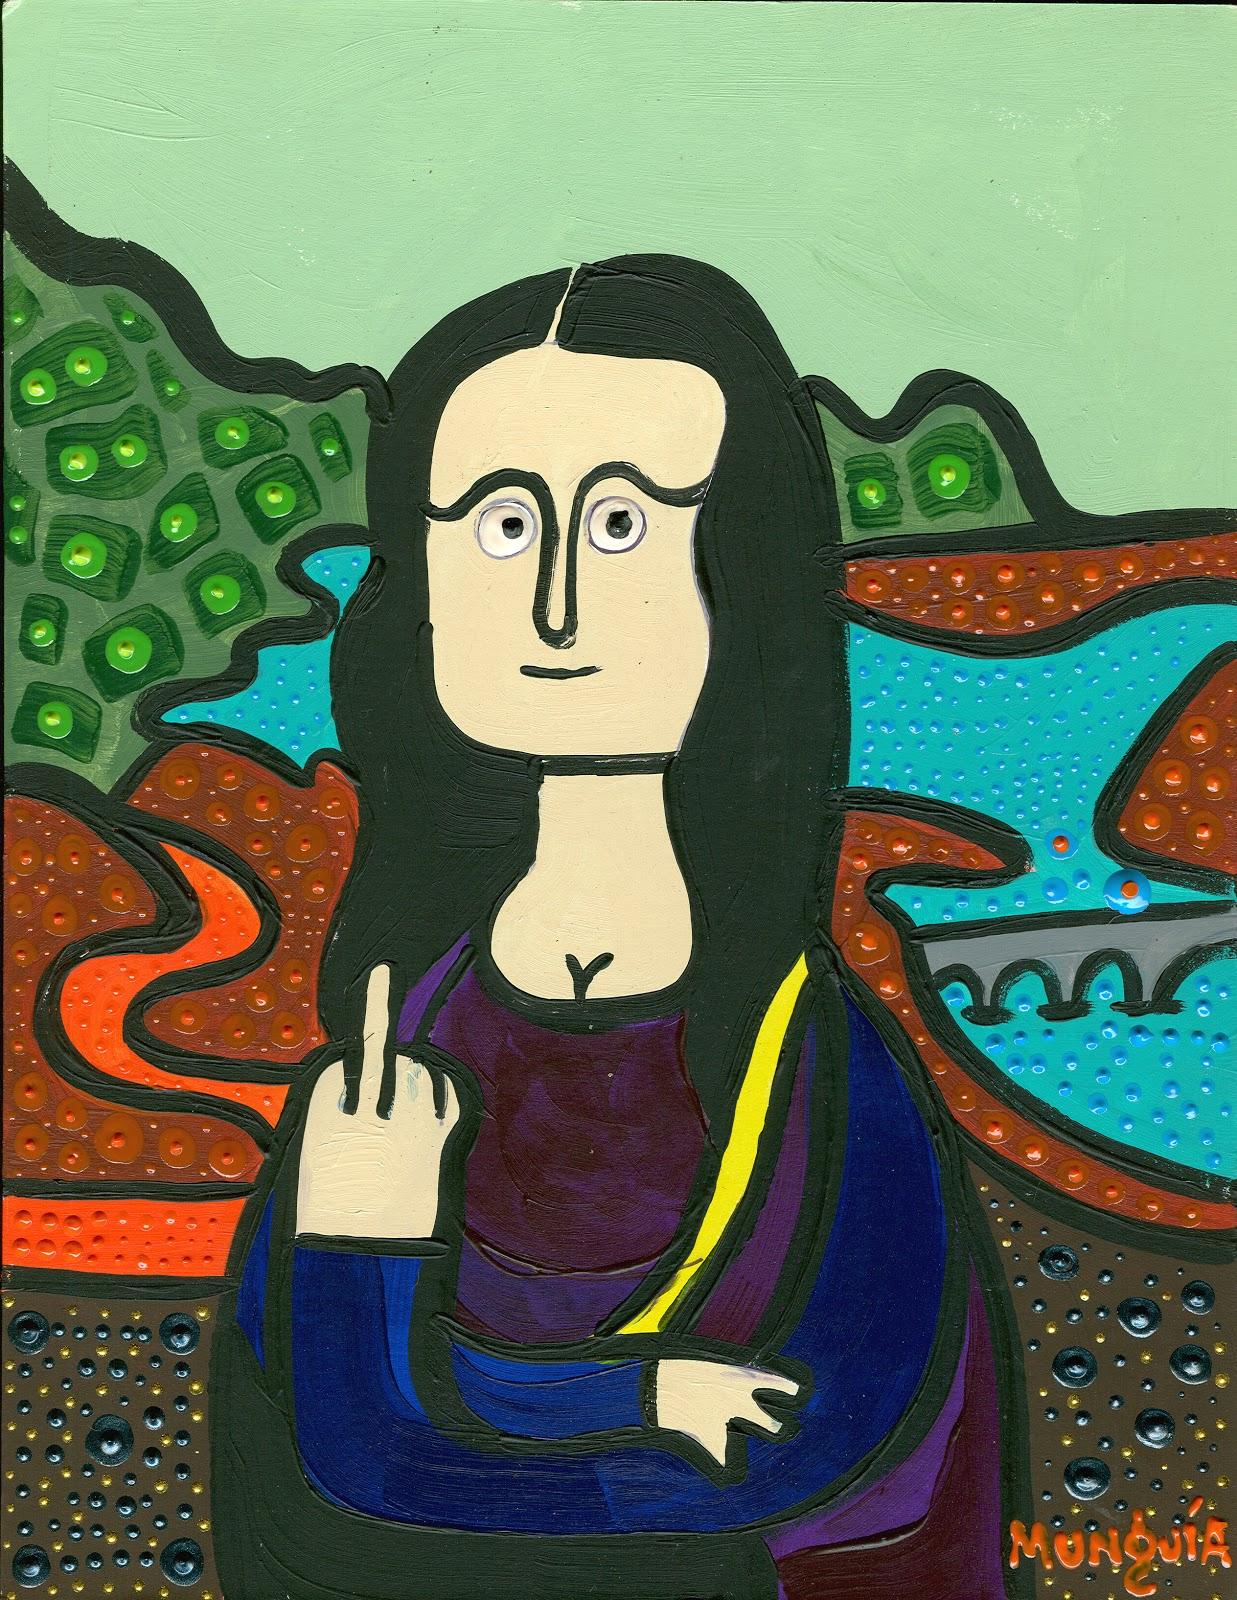 Parodias de Pinturas Famosas: Mona Lisas por Munguía